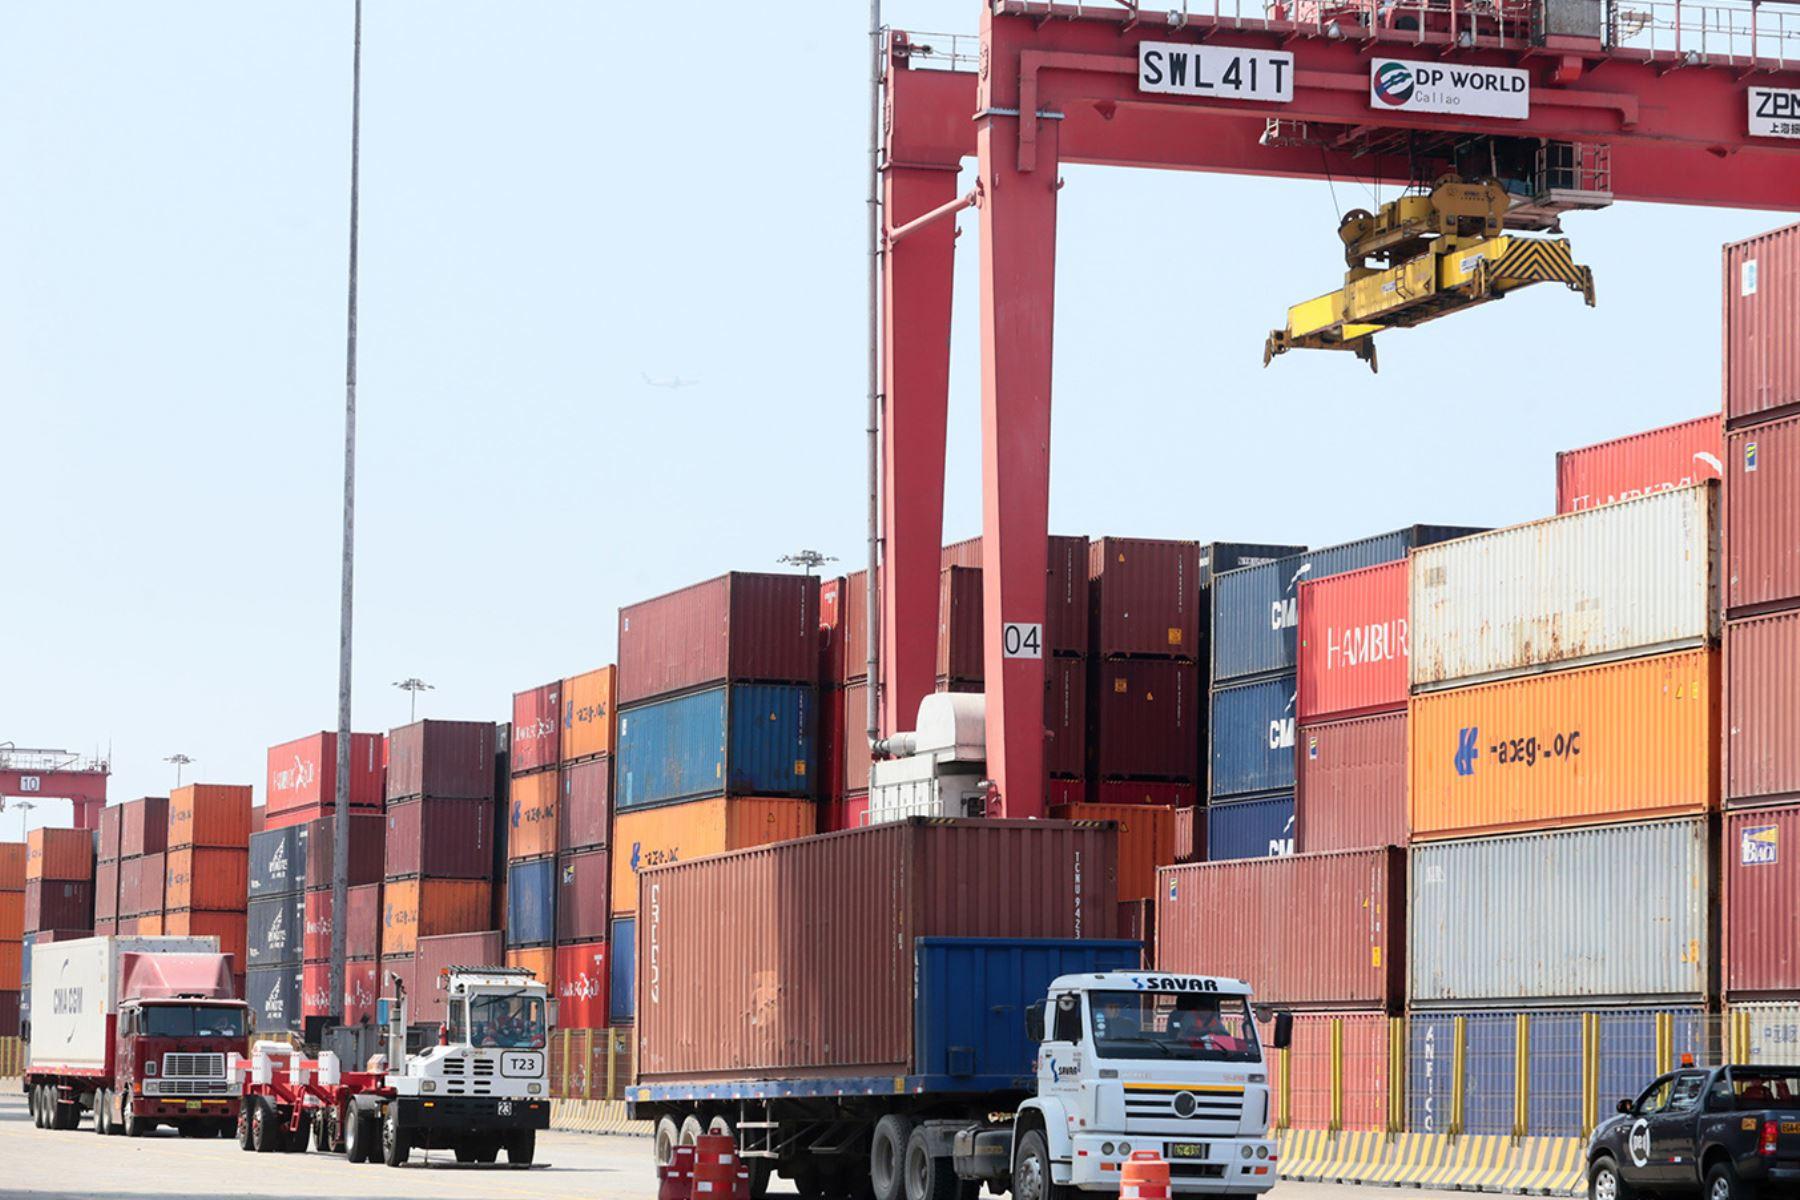 tres-regiones-incrementan-por-encima-de-194-exportaciones-en-el-primer-bimestre-de-2021